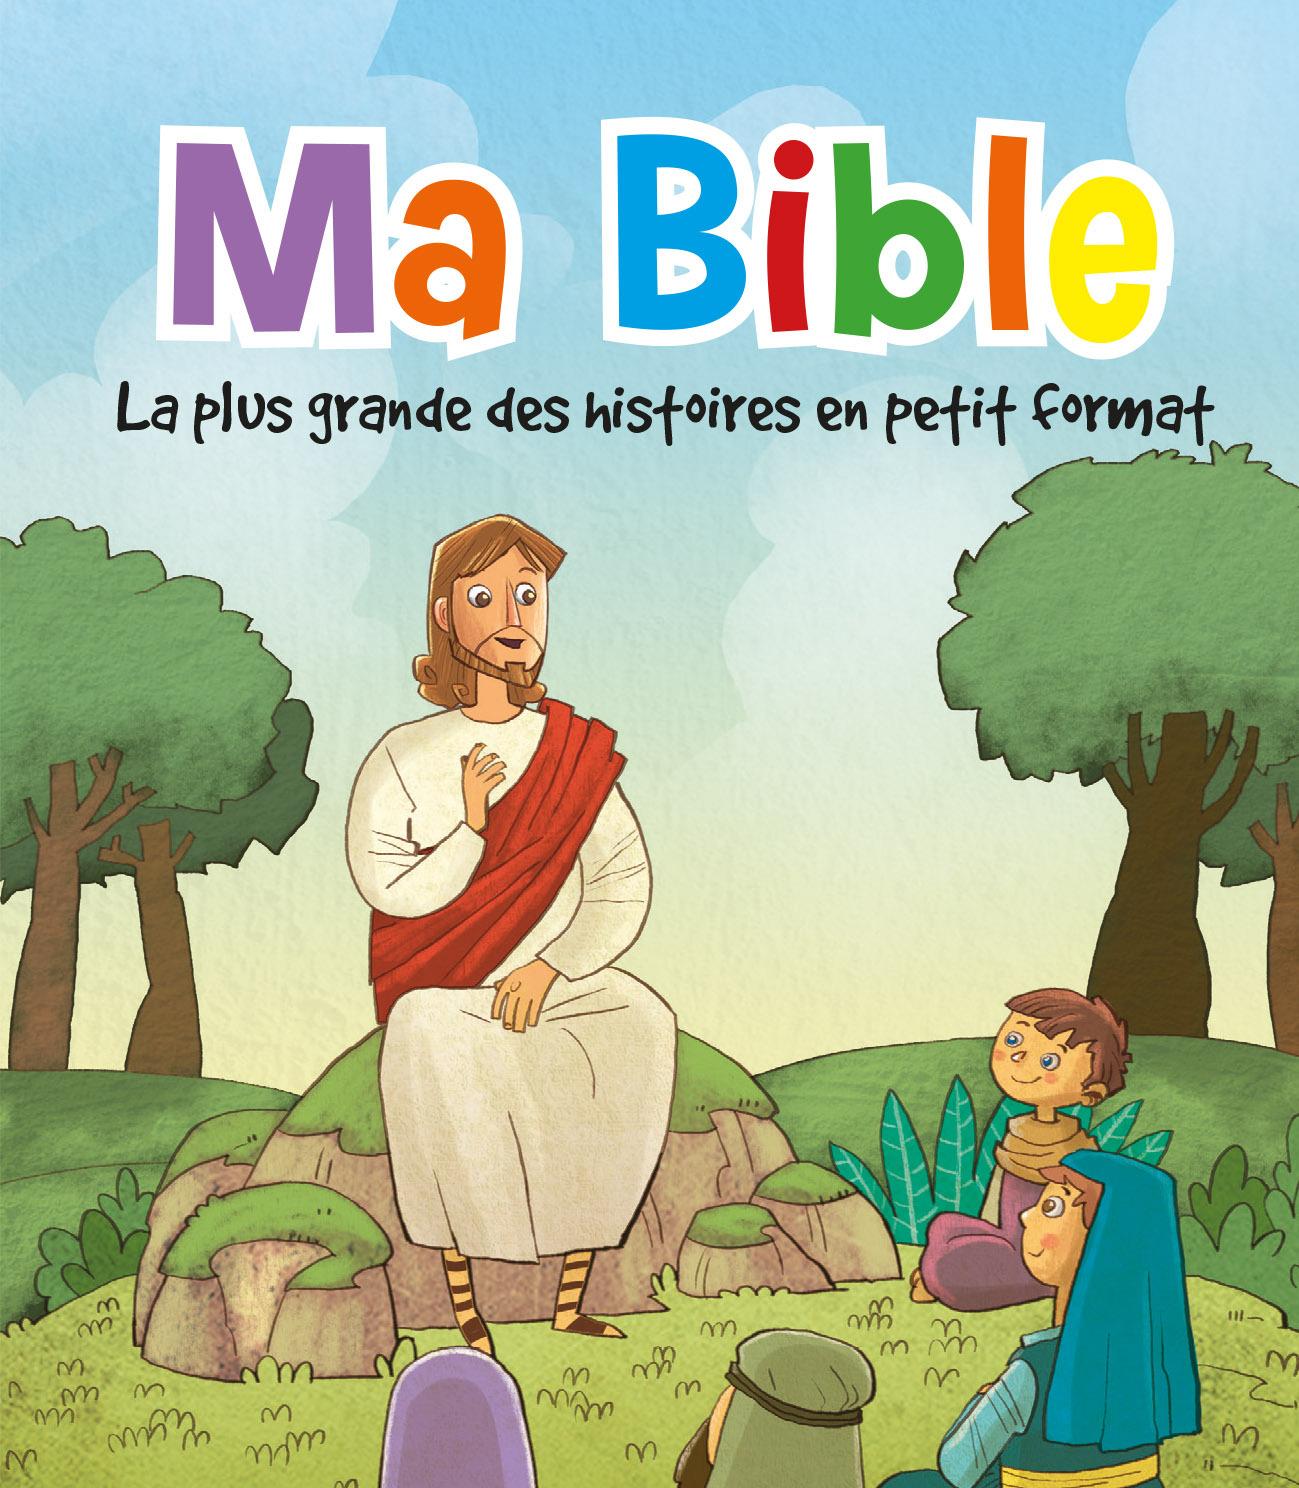 MA BIBLE, LA PLUS GRANDE DES HISTOIRES EN PETIT FORMAT